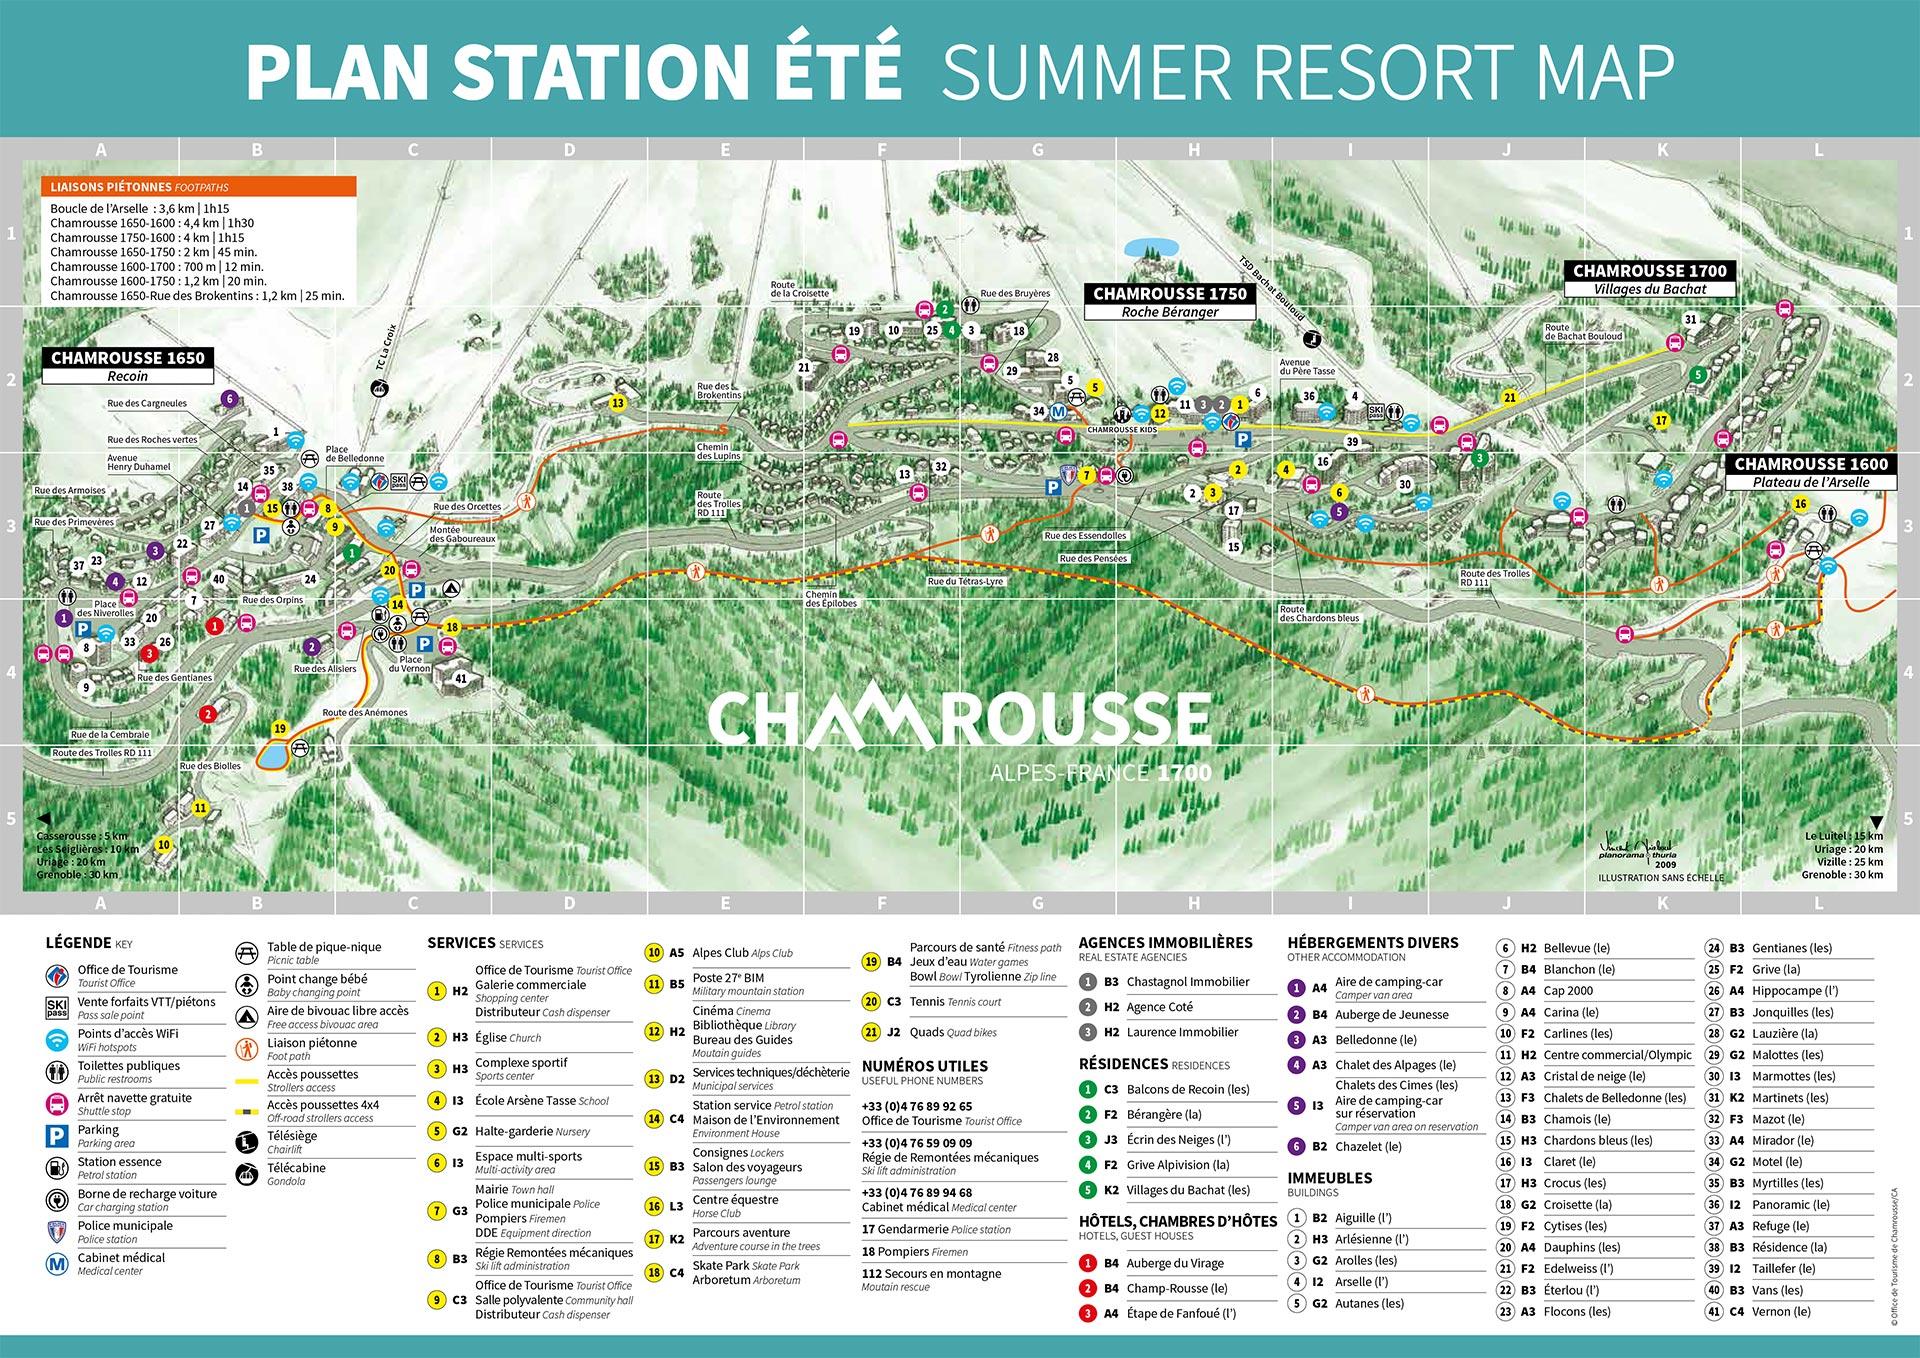 Chamrousse plan station été montagne grenoble isère alpes france